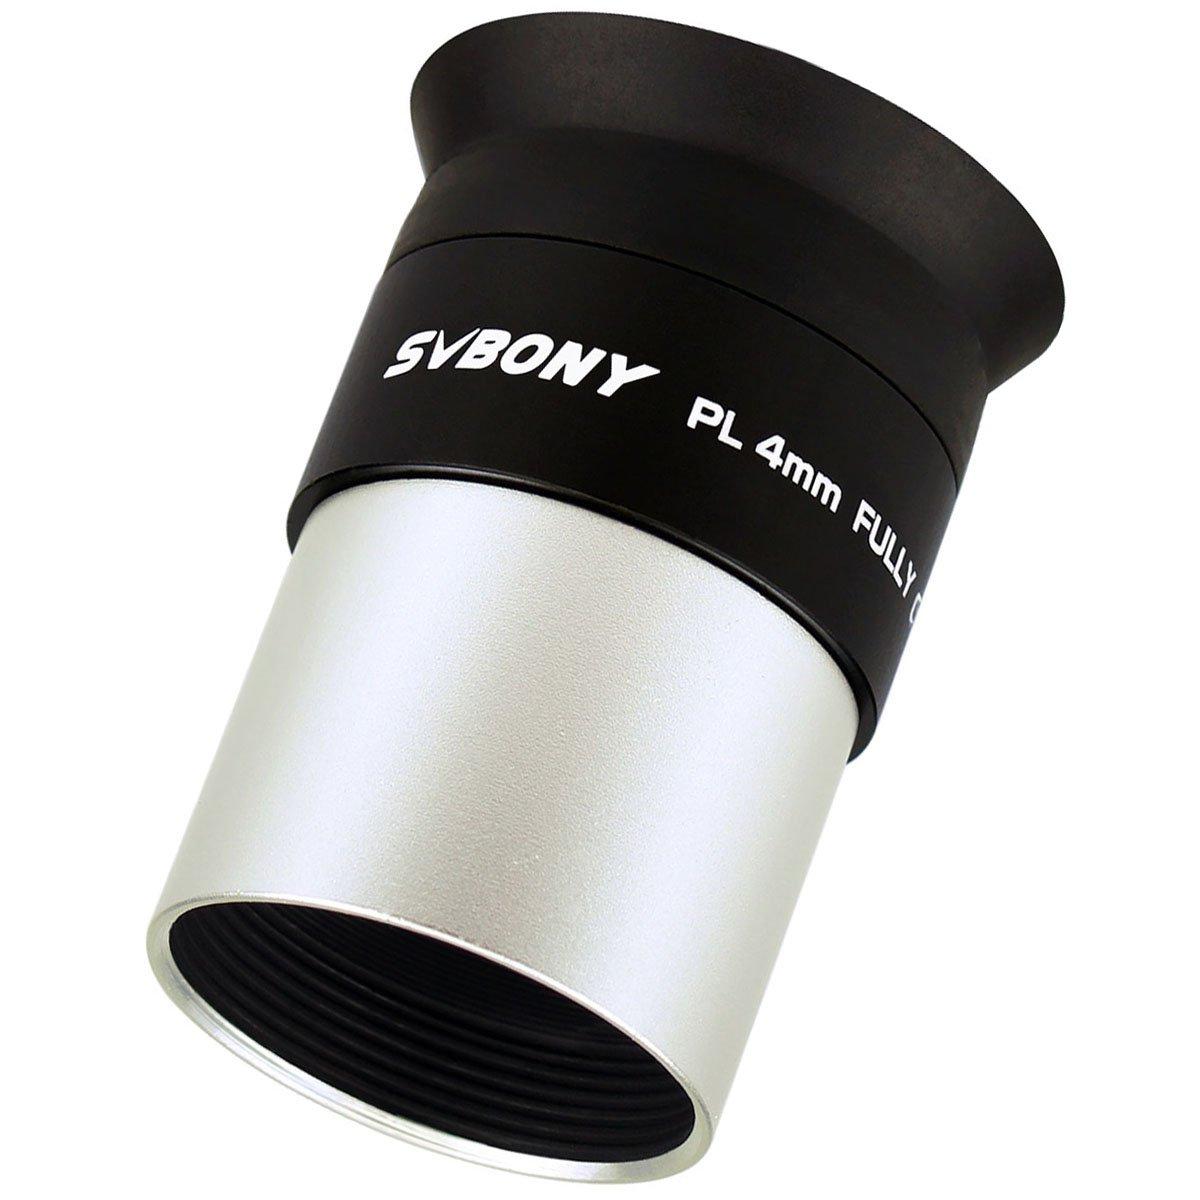 SVBONY Telescopes Eyepieces 1.25'' Lens 4mm Multi Coated Telescope Lens 48 Degrees FOV Long Eye Relief for Celestial Nebula Observations